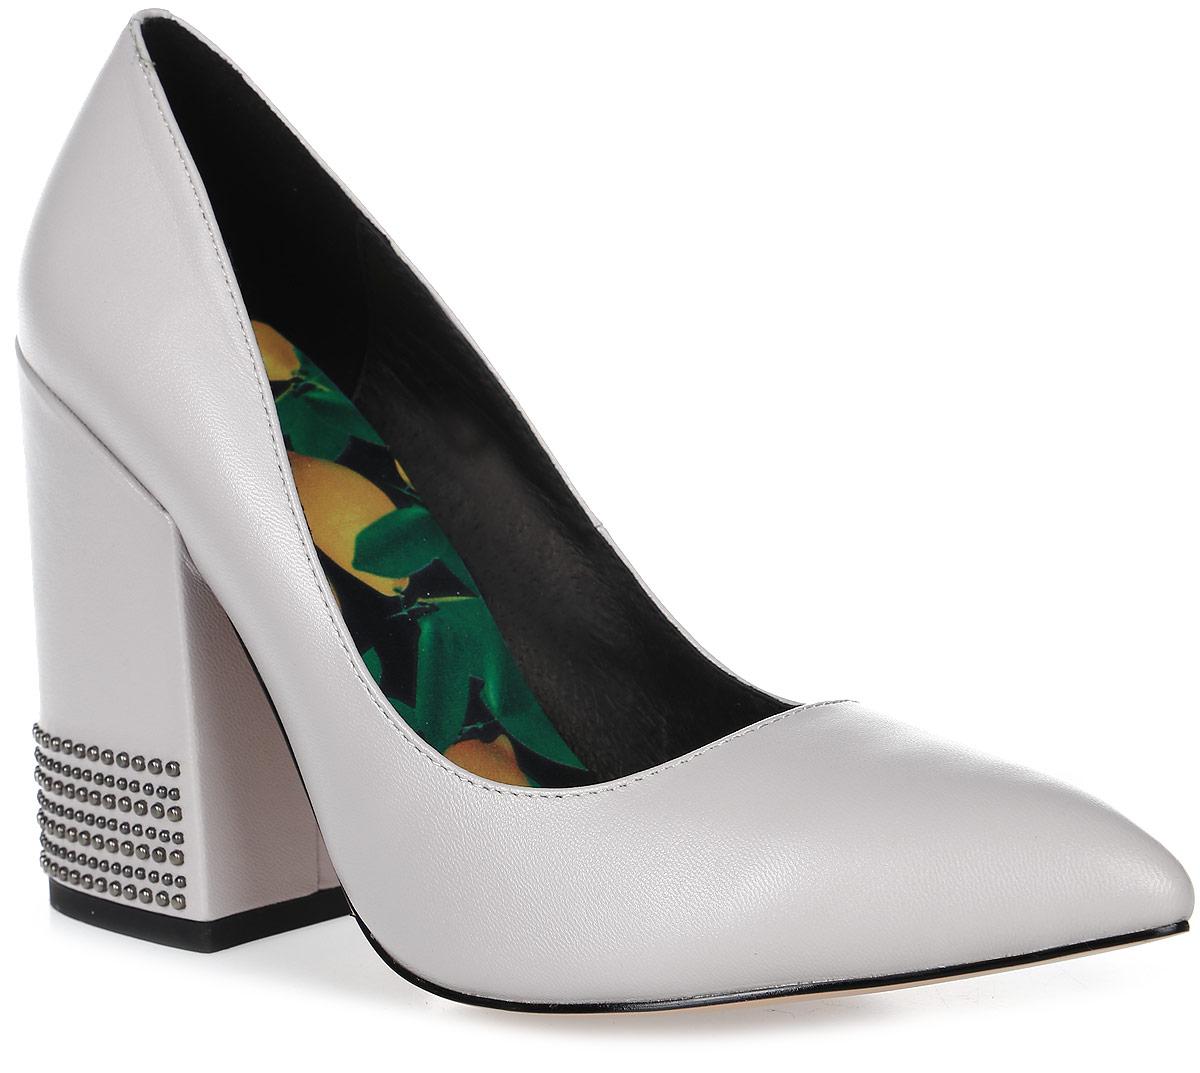 Туфли женские Graciana, цвет: серый. A1730-05-2. Размер 37A1730-05-2Женские туфли от Graciana на широком каблуке выполнены из натуральной кожи. Подкладка, изготовленная из натуральной кожи, обладает хорошей влаговпитываемостью и естественной воздухопроницаемостью. Стелька из натуральной кожи гарантирует комфорт и удобство стопам. Подошва из ТЭП-материала обеспечивает хорошую амортизацию и сцепление с любой поверхностью.